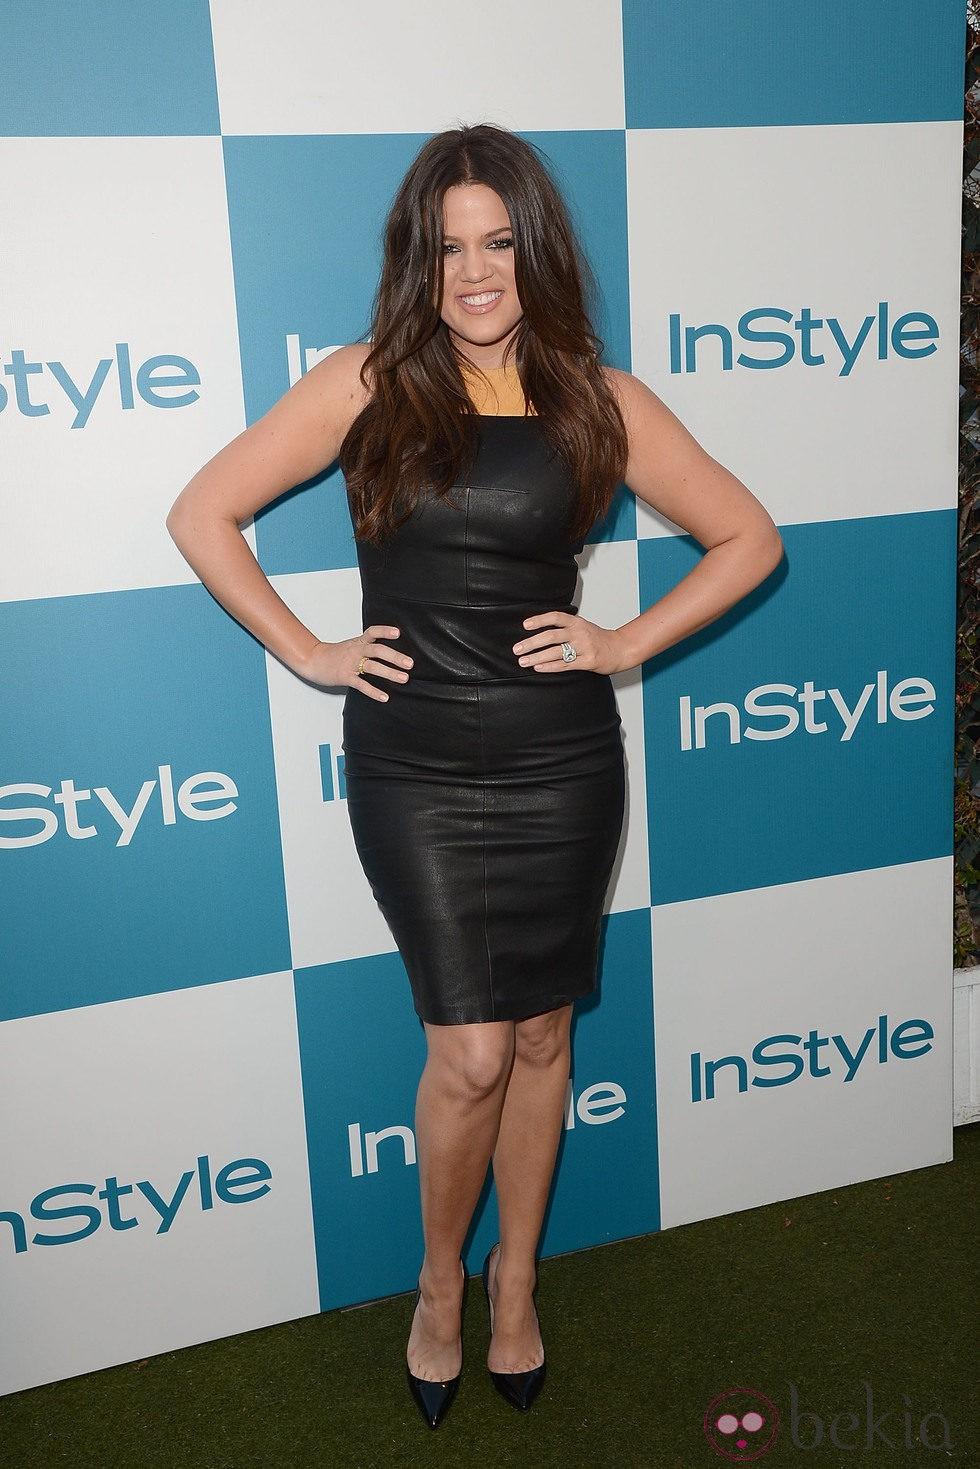 Khloe Kardashian en la presentación de InStyle en el 2012